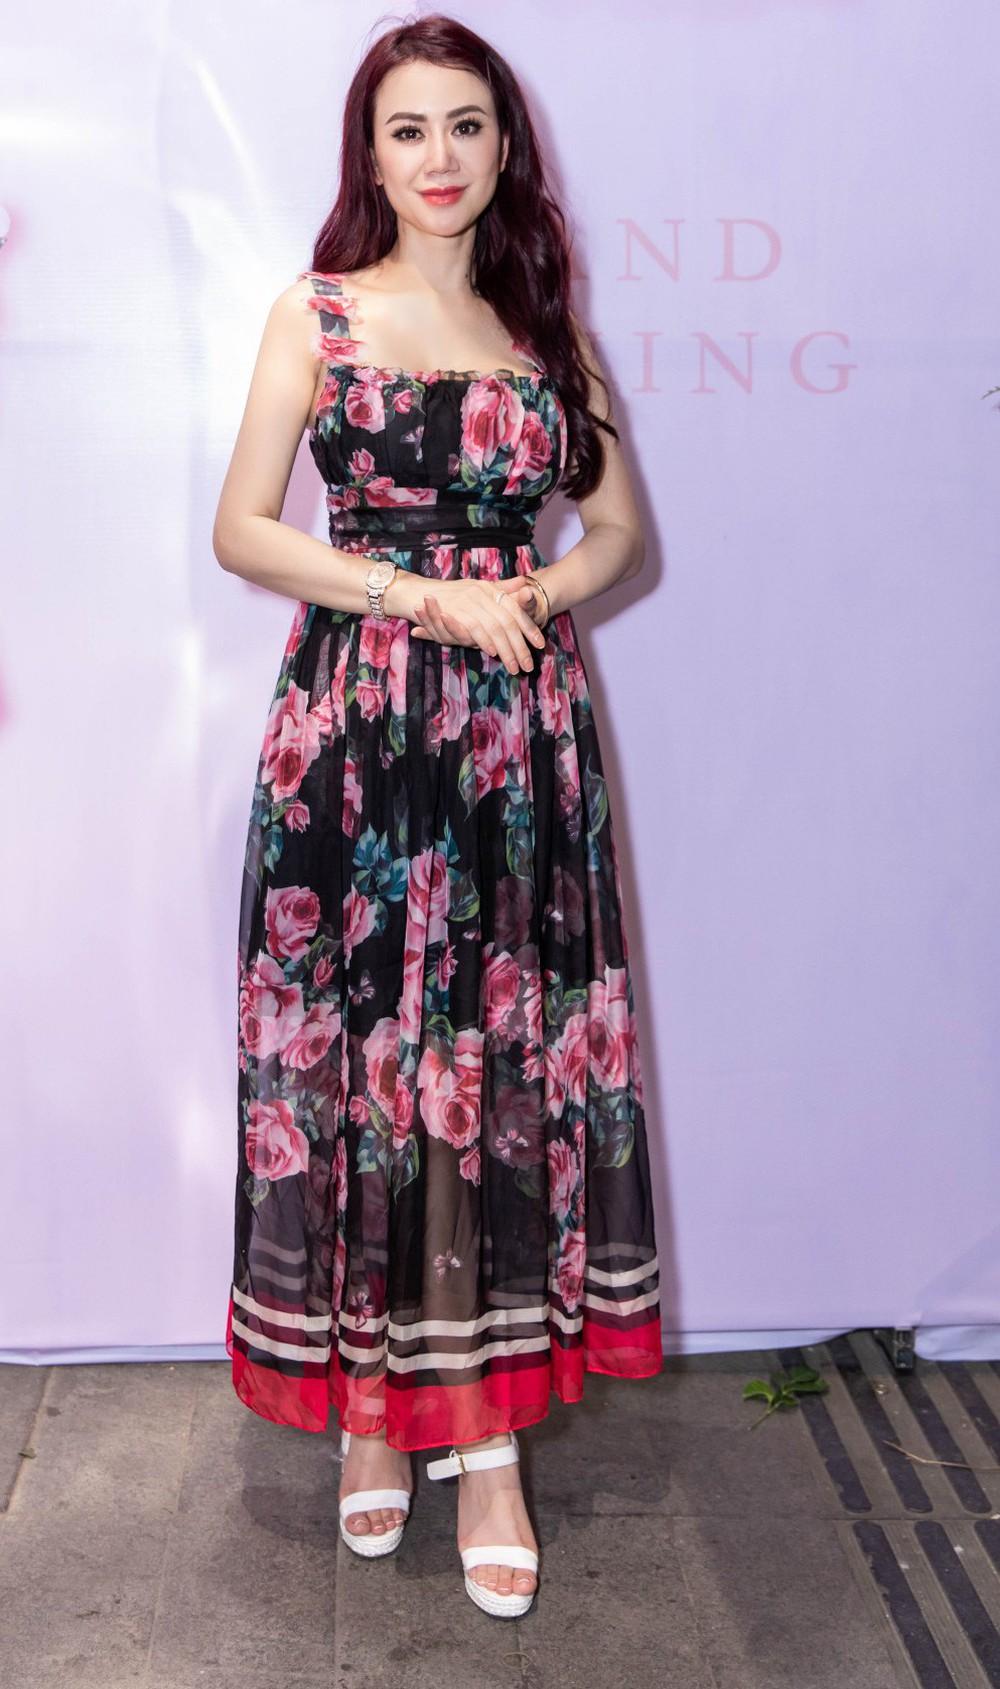 Diễn viên hài Thúy Nga đọ sắc với Hoa hậu Mỹ Vân - Ảnh 7.